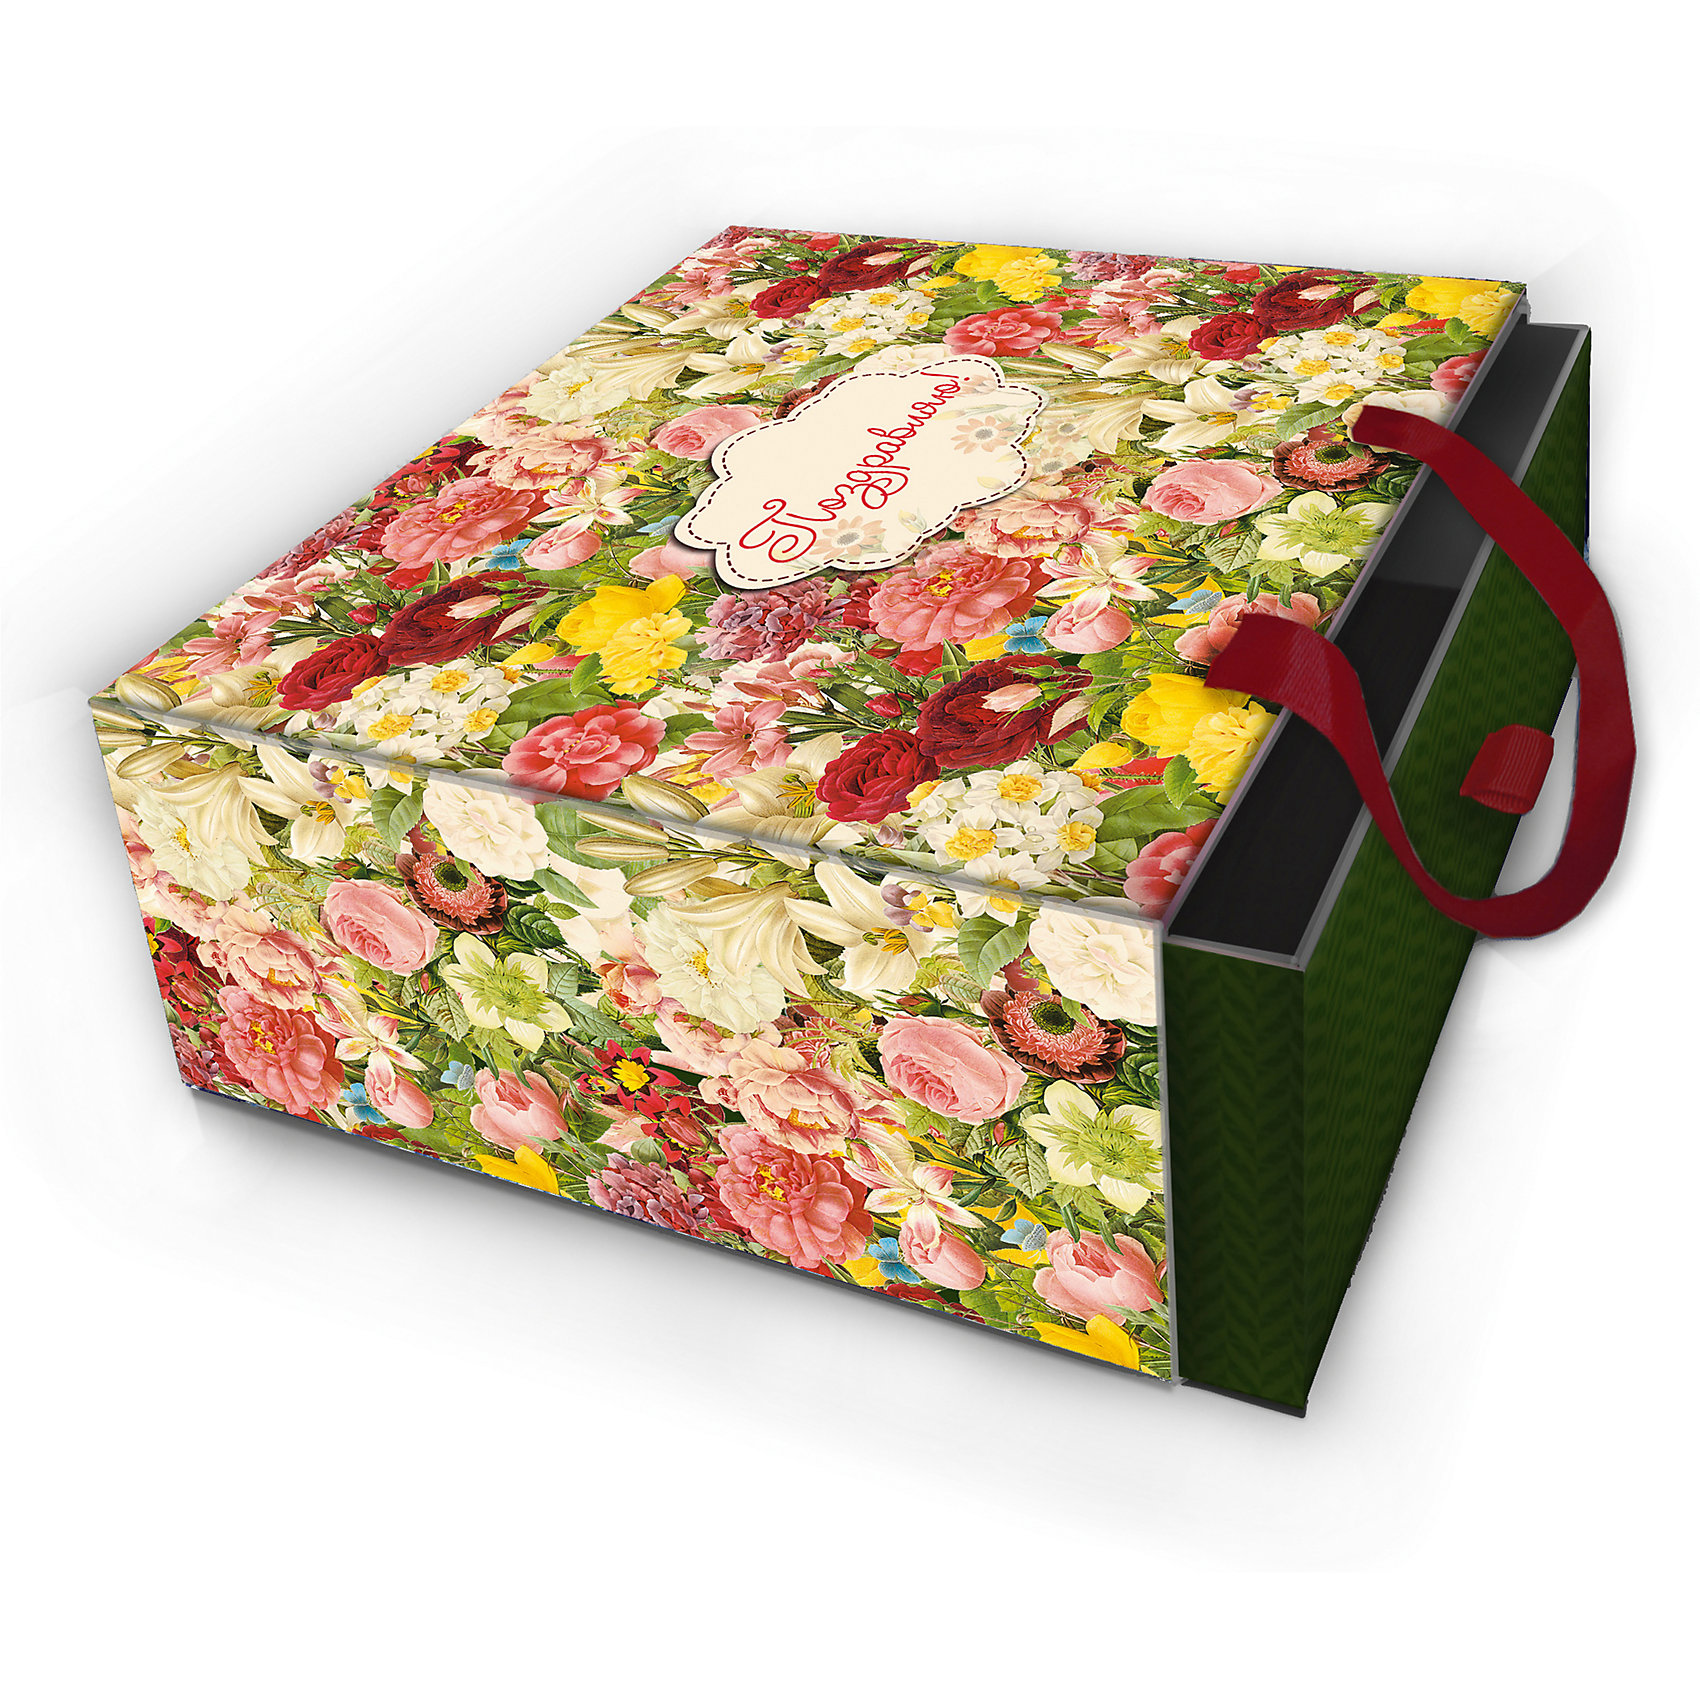 Коробка подарочная Райский сад, 16х16х8см., Феникс-ПрезентПредметы интерьера<br>Коробка подарочная Райский сад, 16х16х8см., Феникс-Презент<br><br>Характеристики:<br><br>• оригинальный дизайн<br>• удобные ручки на внешней стороне<br>• петелька на внутренней части<br>• размер: 16х16х8 см<br>• материал: ламинированный картон, текстиль<br><br>Если вы хотите добавить подарку оригинальности - используйте необычную подарочную коробку. Коробка Райский сад изготовлена из прочного ламинированного картона. Она состоит из двух частей. Внутренняя часть вставляется в наружную. На внутренней части есть небольшая петелька, с помощью которой получатель с легкостью достанет подарок. Наружная часть имеет две красивые ручки для удобства переноски. Коробка оформлена ярким изображением цветов.<br><br>Коробку подарочную Райский сад, 16х16х8см., Феникс-Презент можно купить в нашем интернет-магазине.<br><br>Ширина мм: 160<br>Глубина мм: 160<br>Высота мм: 80<br>Вес г: 121<br>Возраст от месяцев: 36<br>Возраст до месяцев: 2147483647<br>Пол: Унисекс<br>Возраст: Детский<br>SKU: 5449639